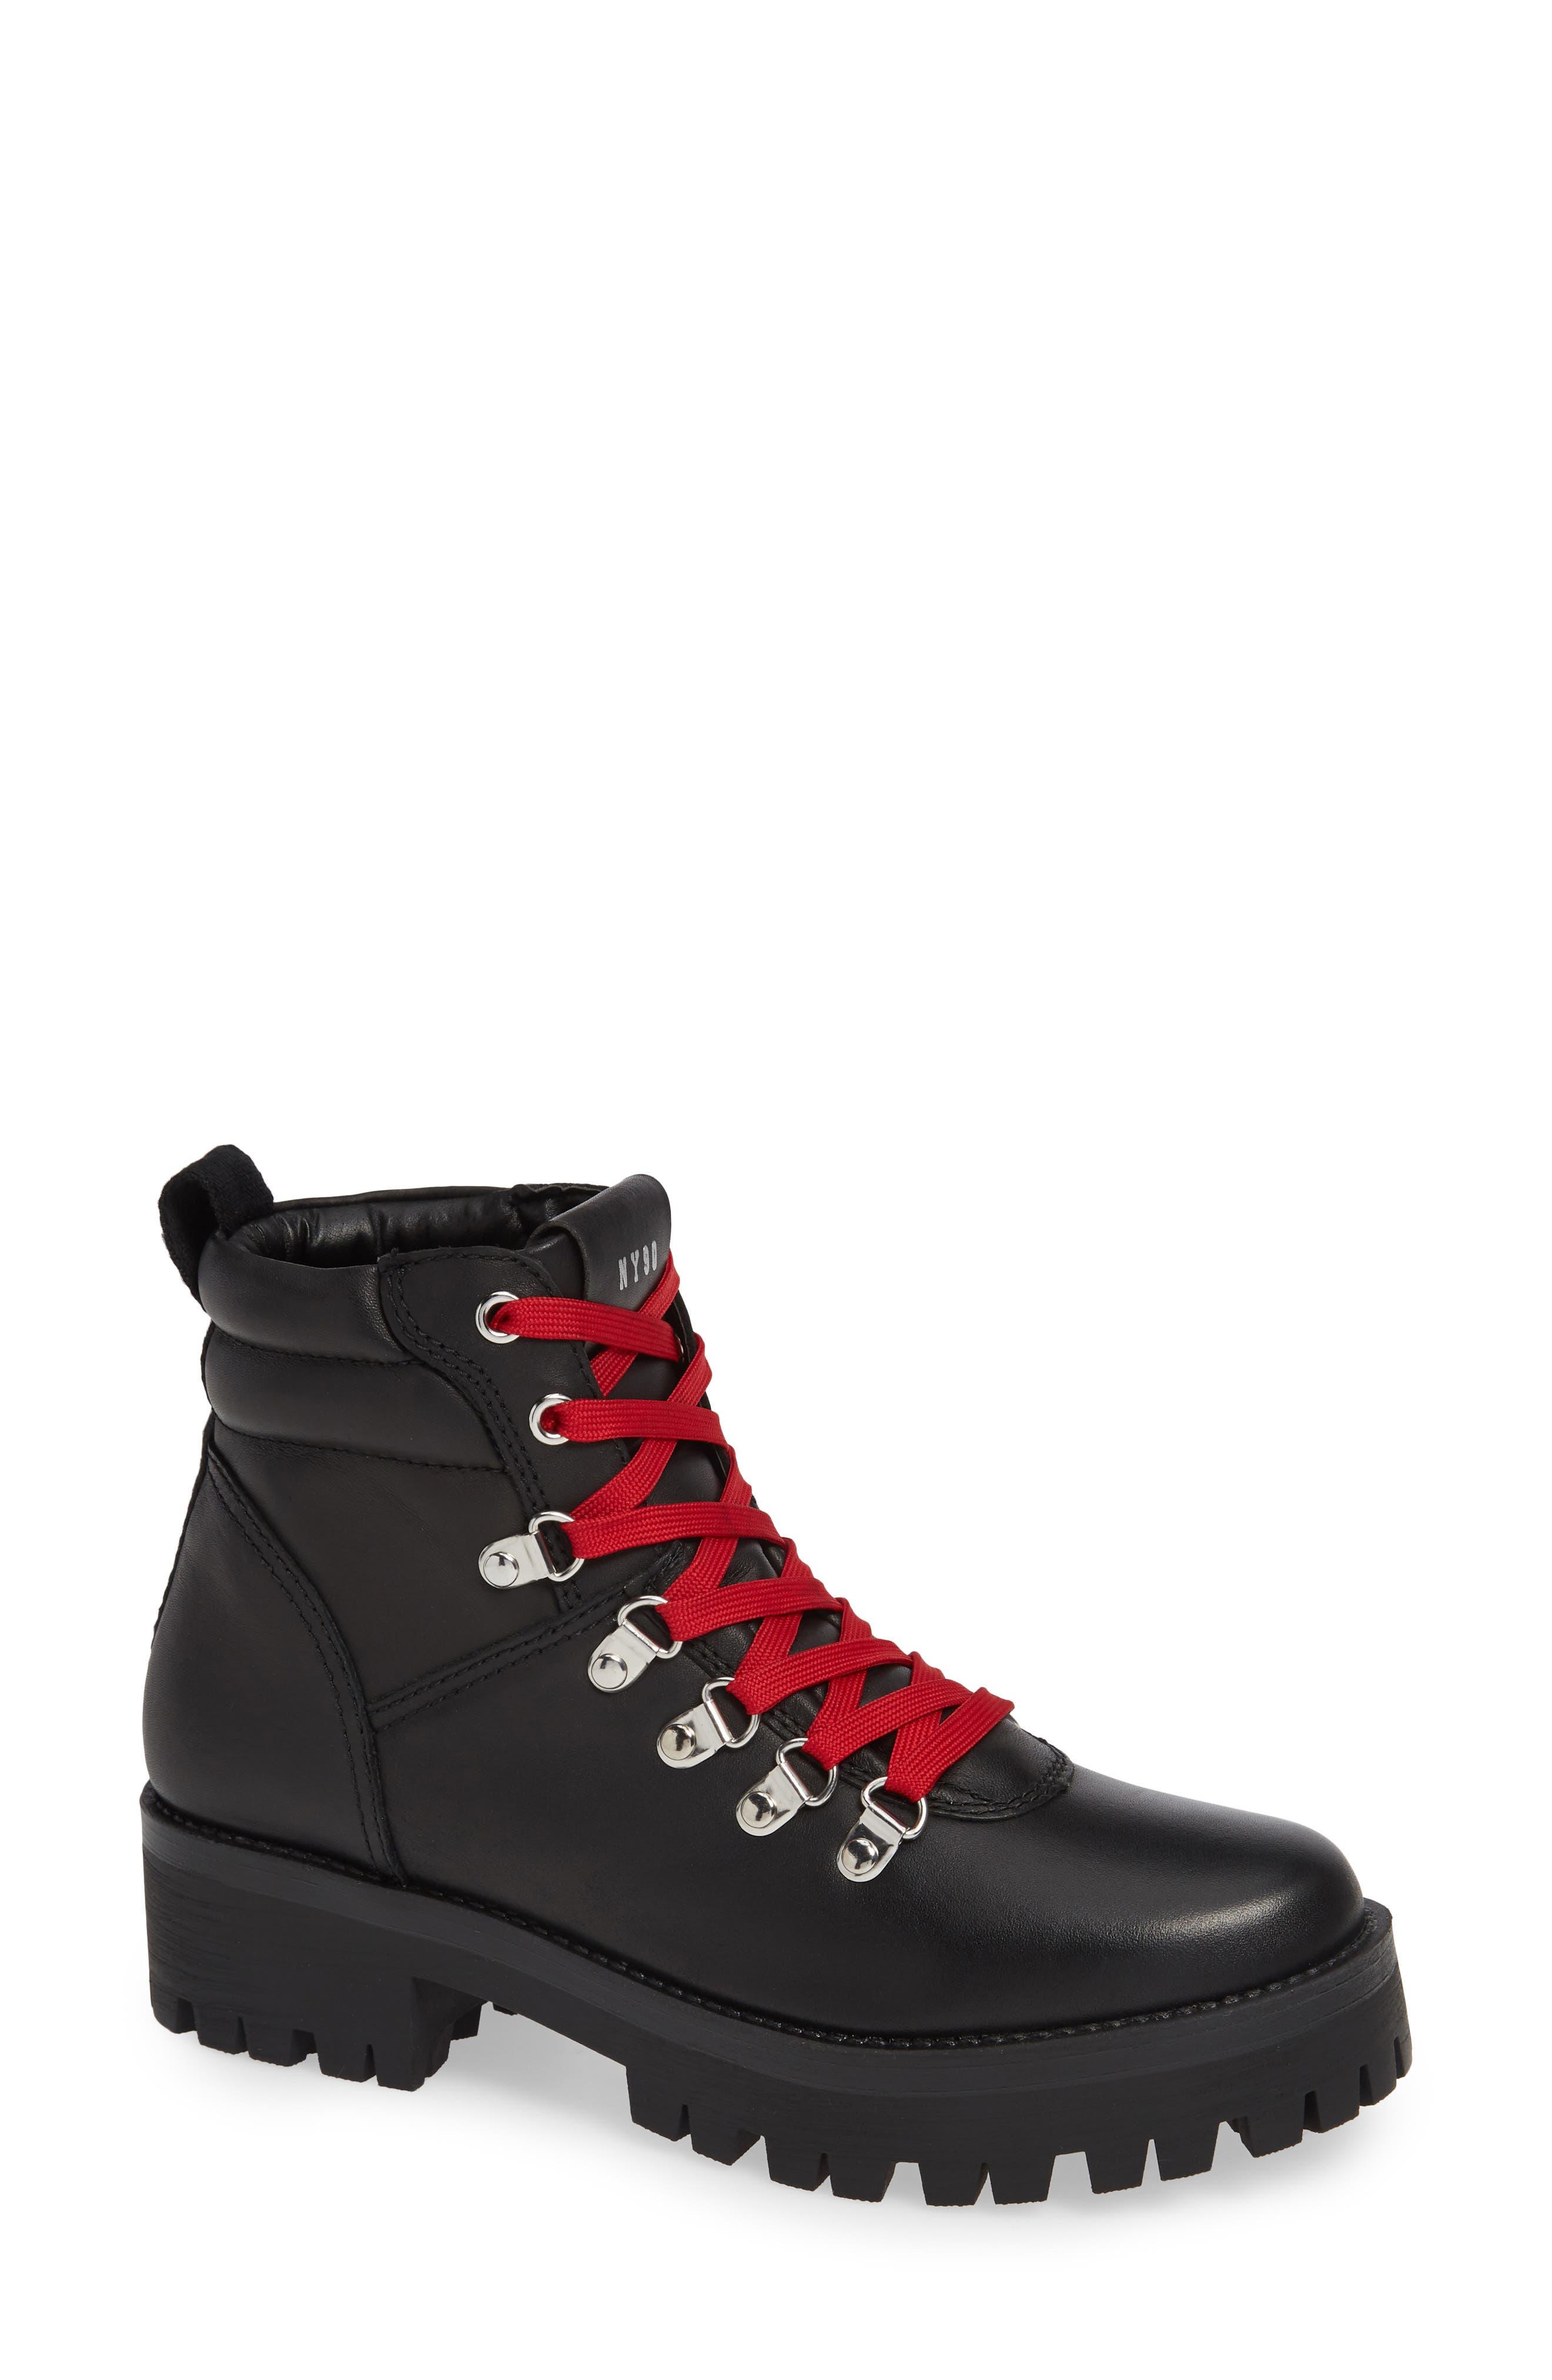 Steve Madden Buzzer Boot- Black